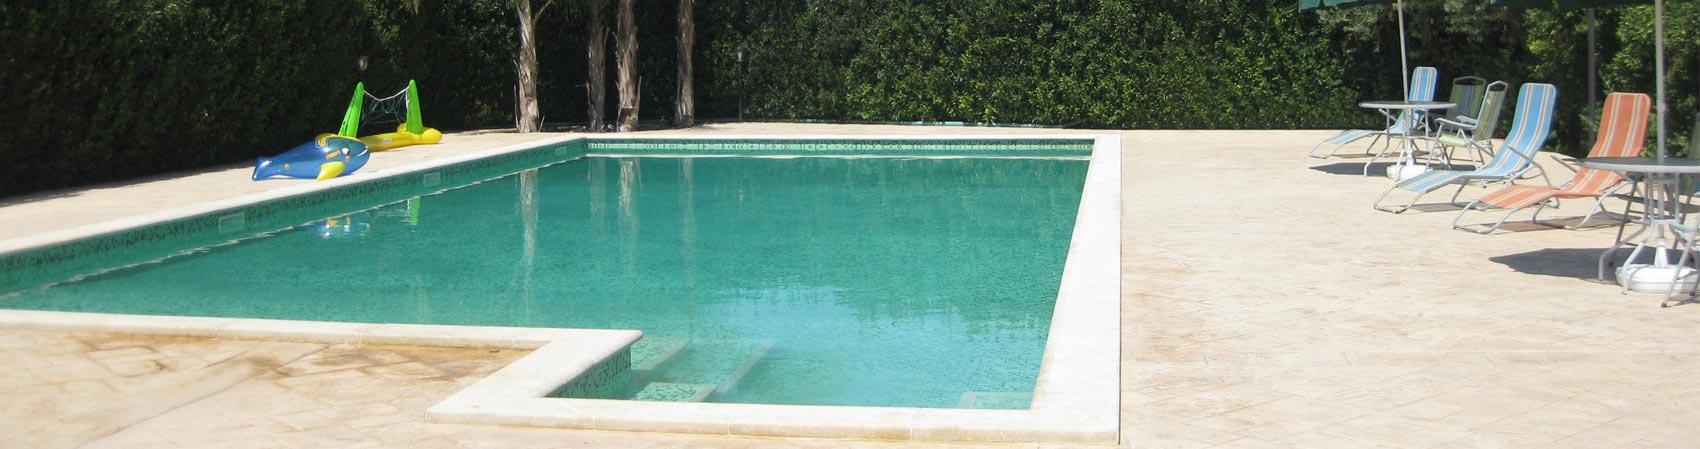 Casale-imperatore-casa-vacanze-con-piscina